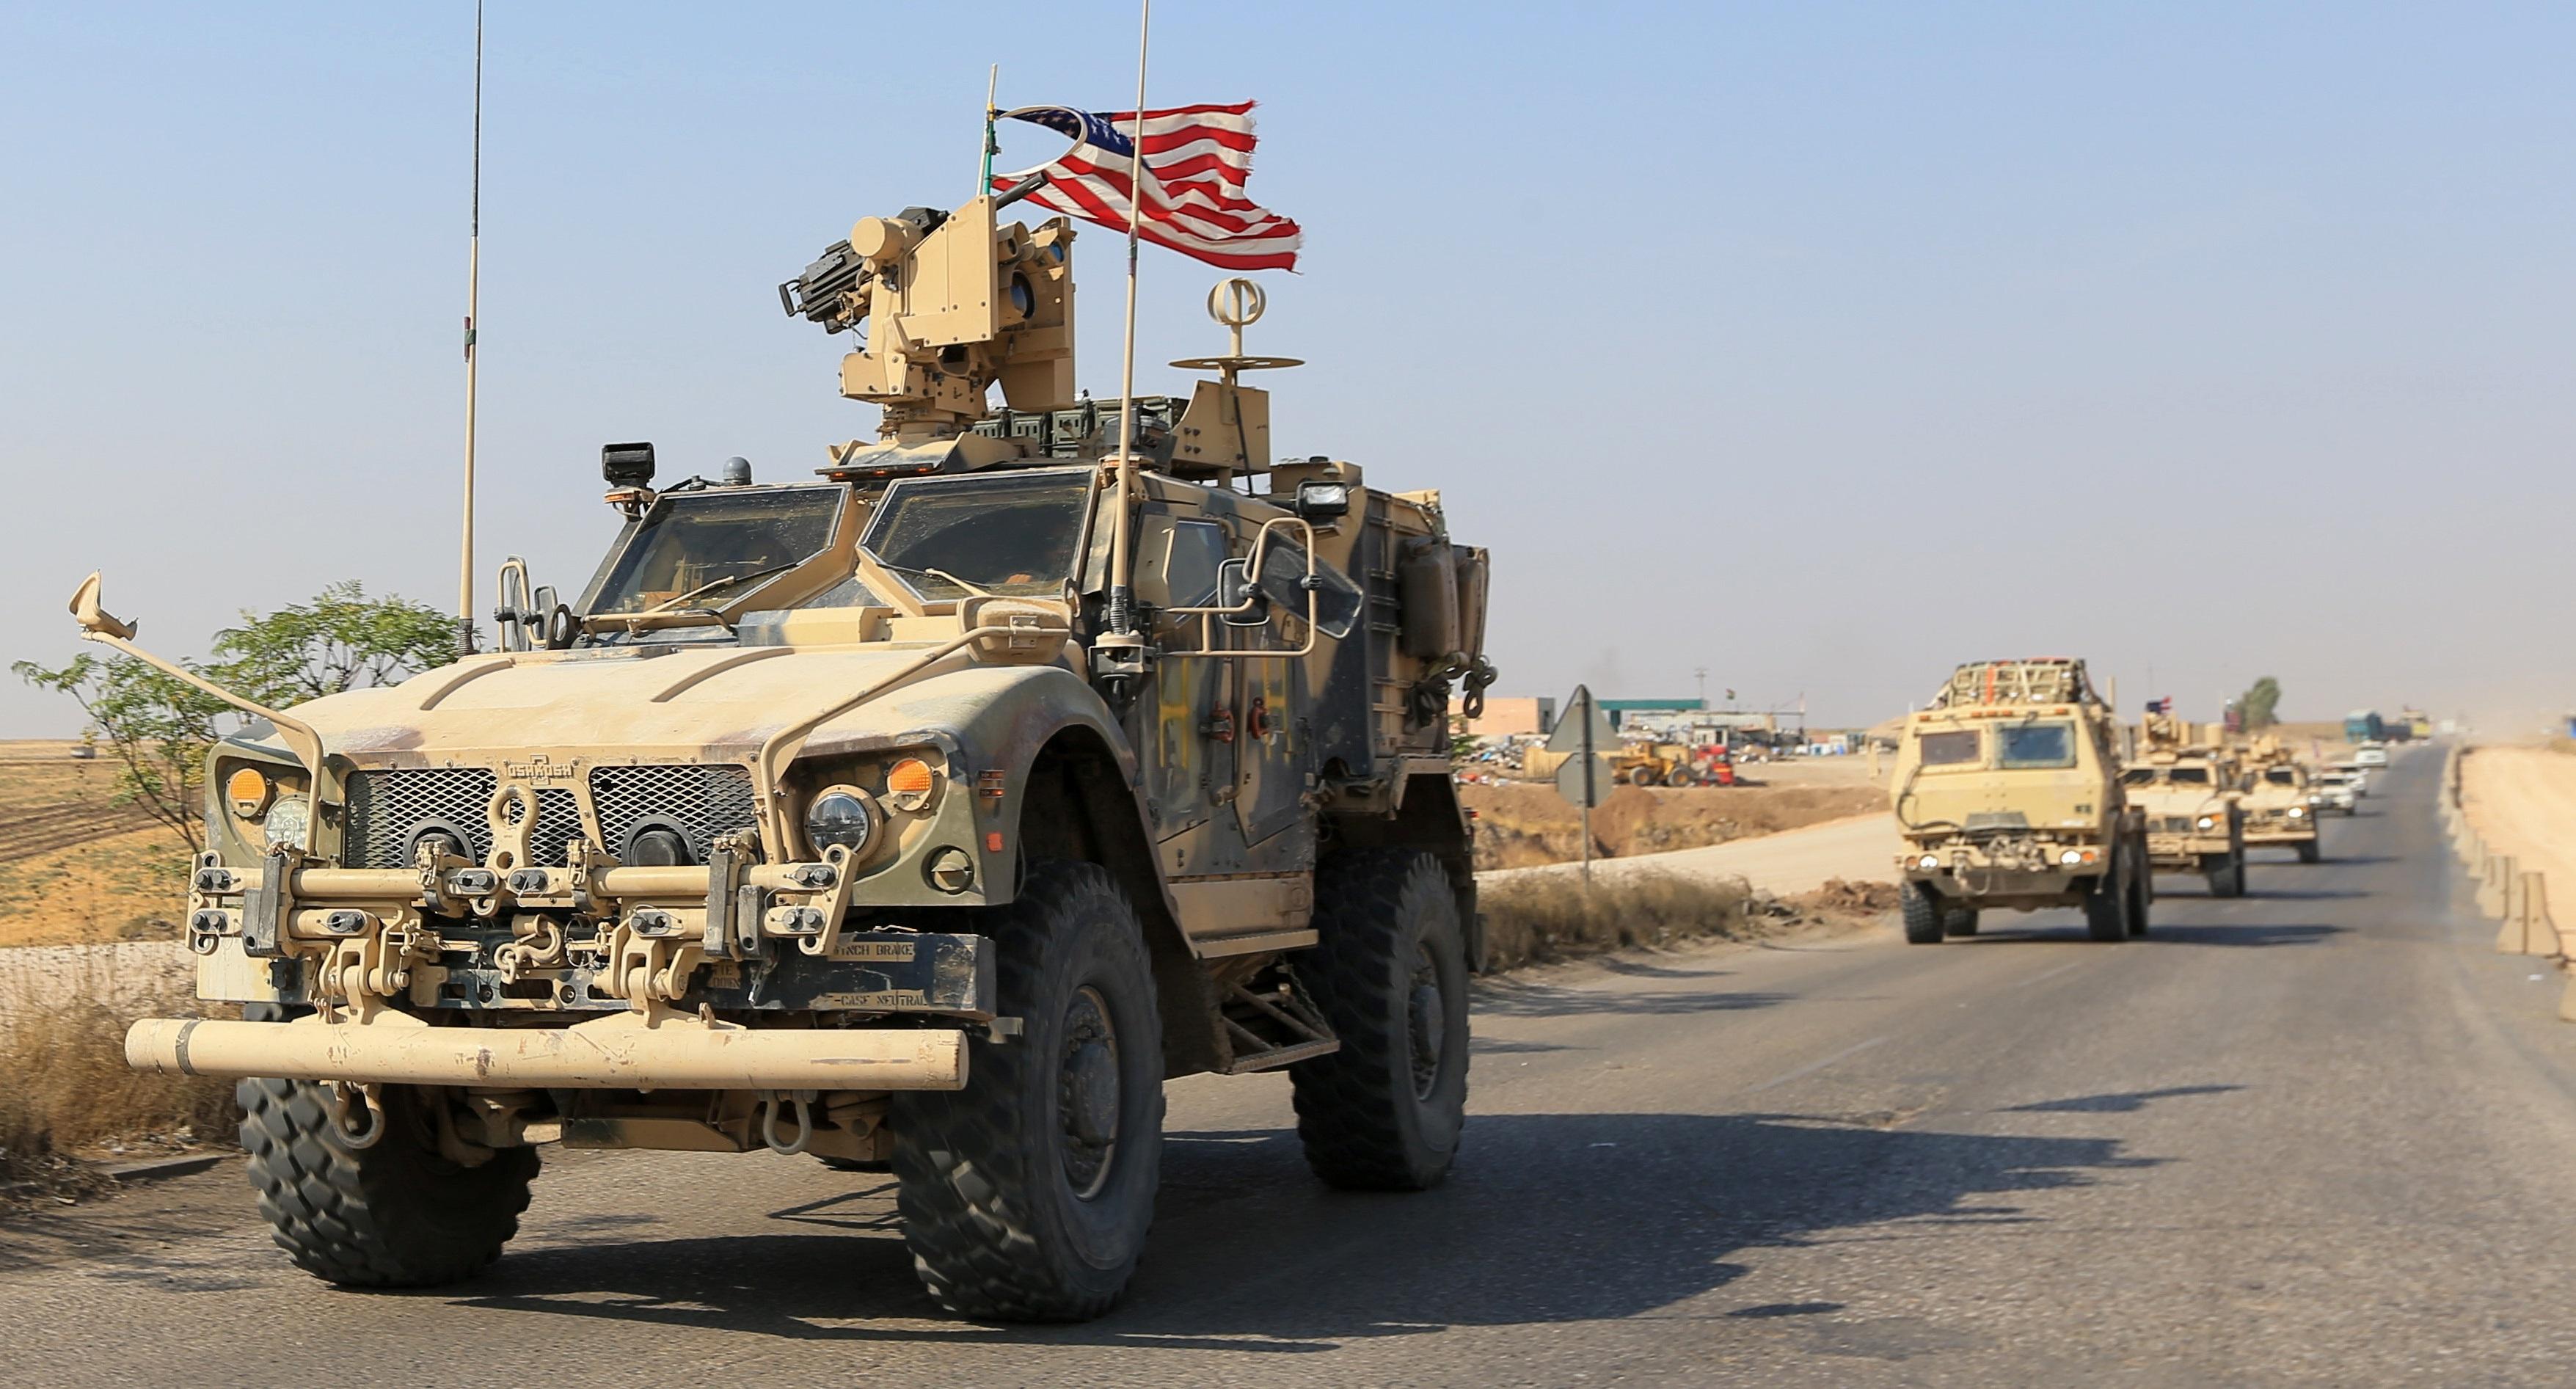 Συρία: Εμφανίστηκαν ξανά στα βορειοανατολικά οι Αμερικανοί